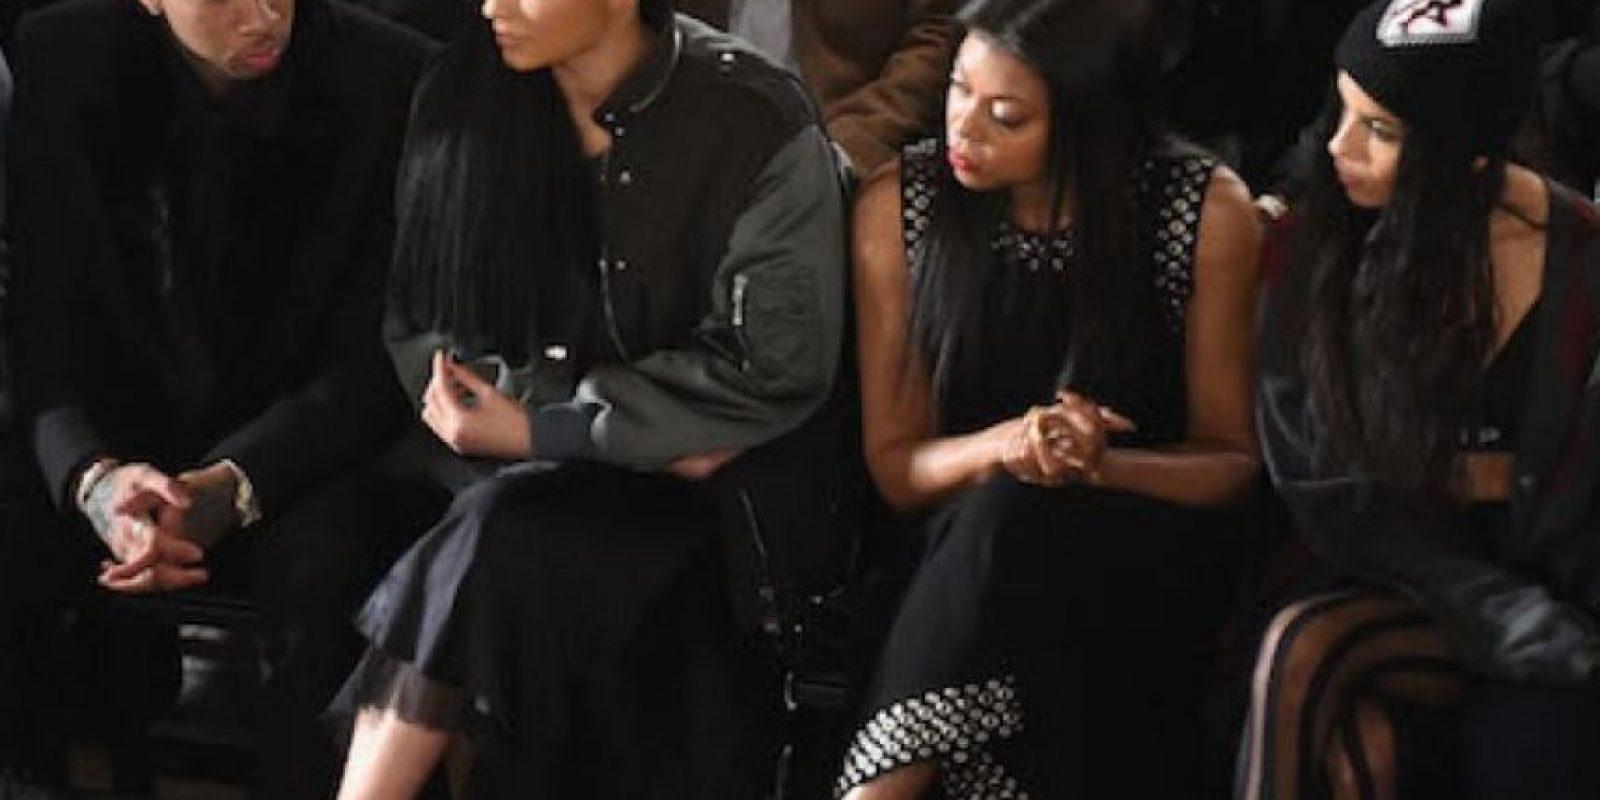 Fotos entre Kylie y Tyga que pudieron revelar su ruptura Foto:Getty Images